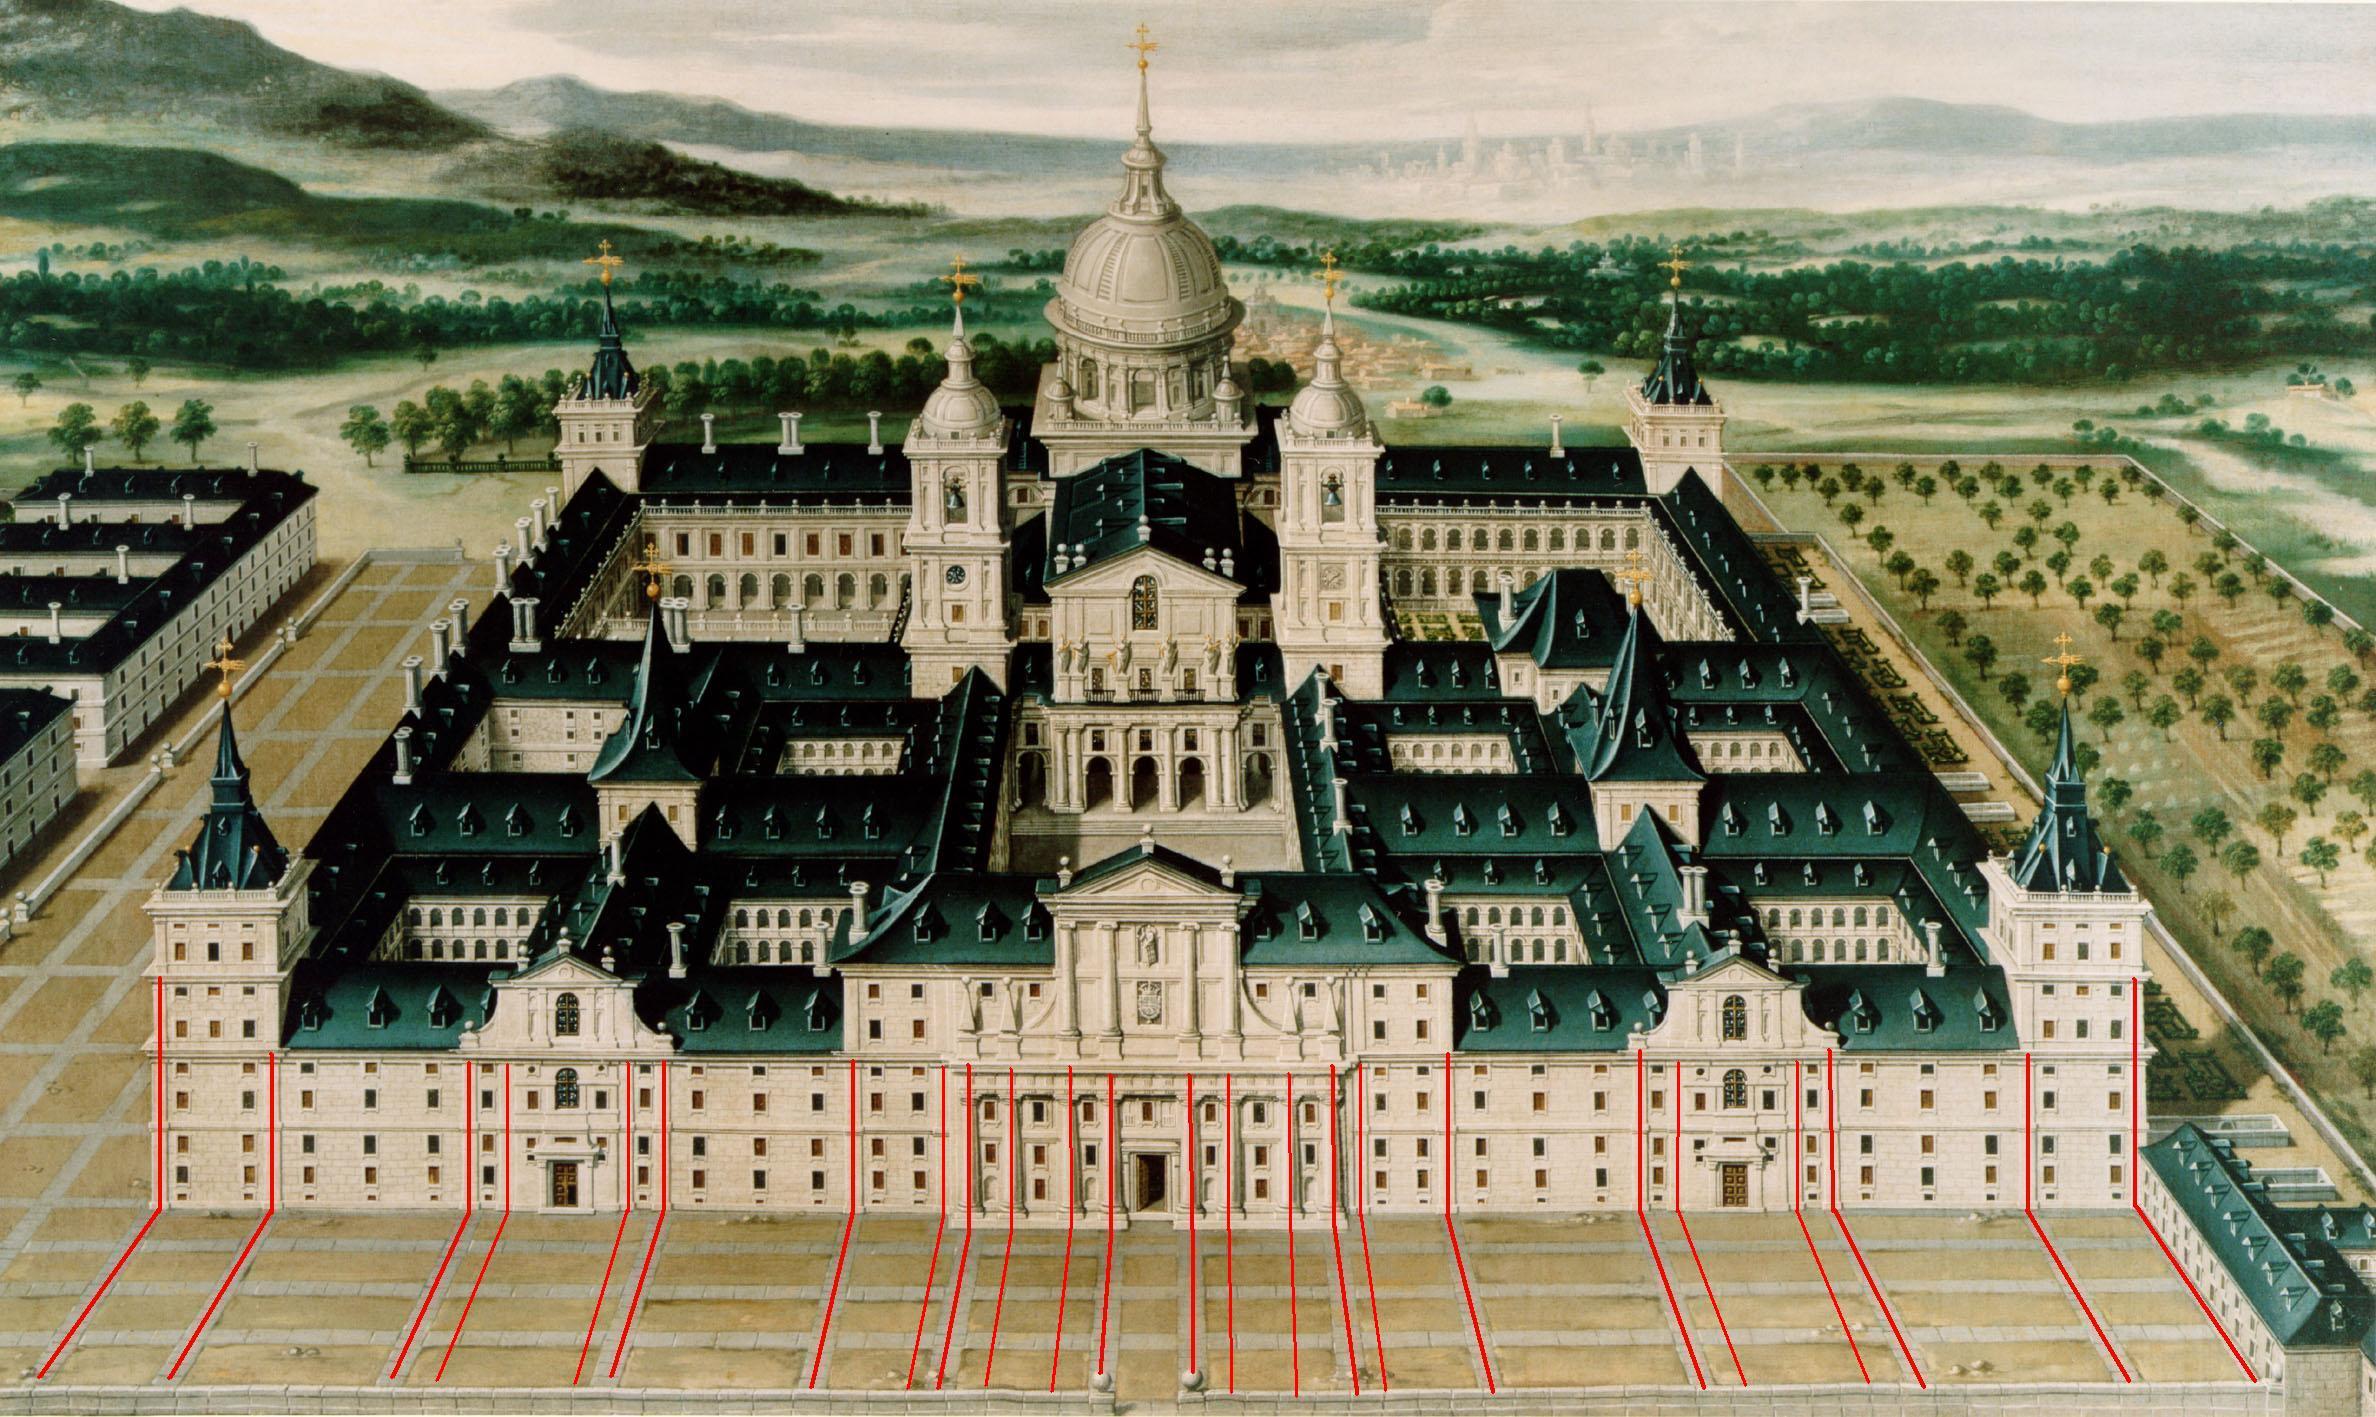 Vista anónima de El Escorial en donde hemos marcado la correspondencia entre las pilastras de la fachada y